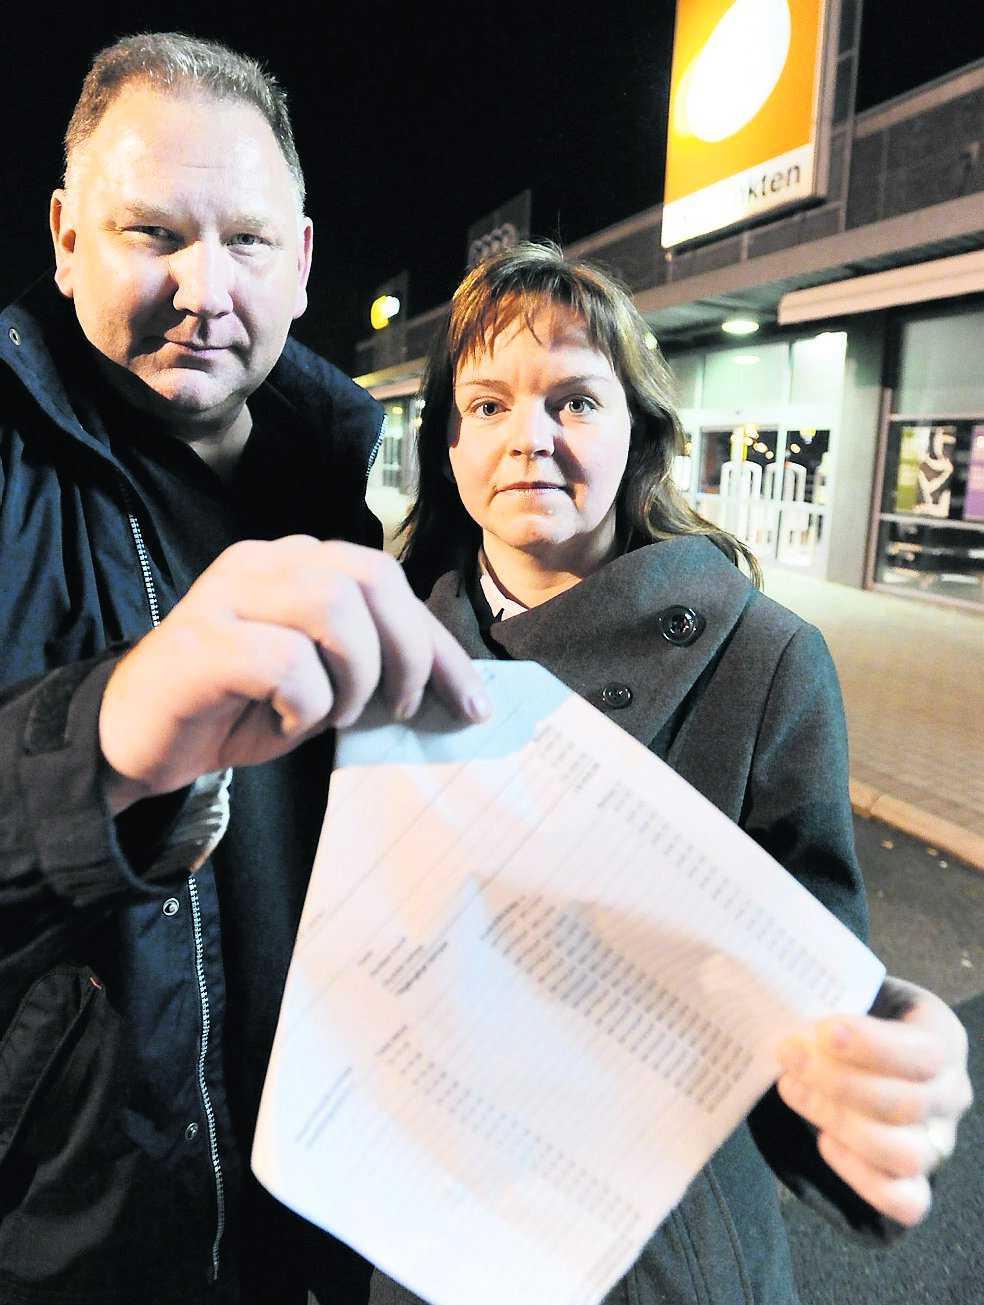 Priset sprang i väg Krister och Ulla Svanström fick en chock när de kontrollerade sitt konto efter gårdagens inköp på Skopunkten i Växjö. Summan på 884 kronor fortsatte okontrollerat att dras från deras bankkonto.